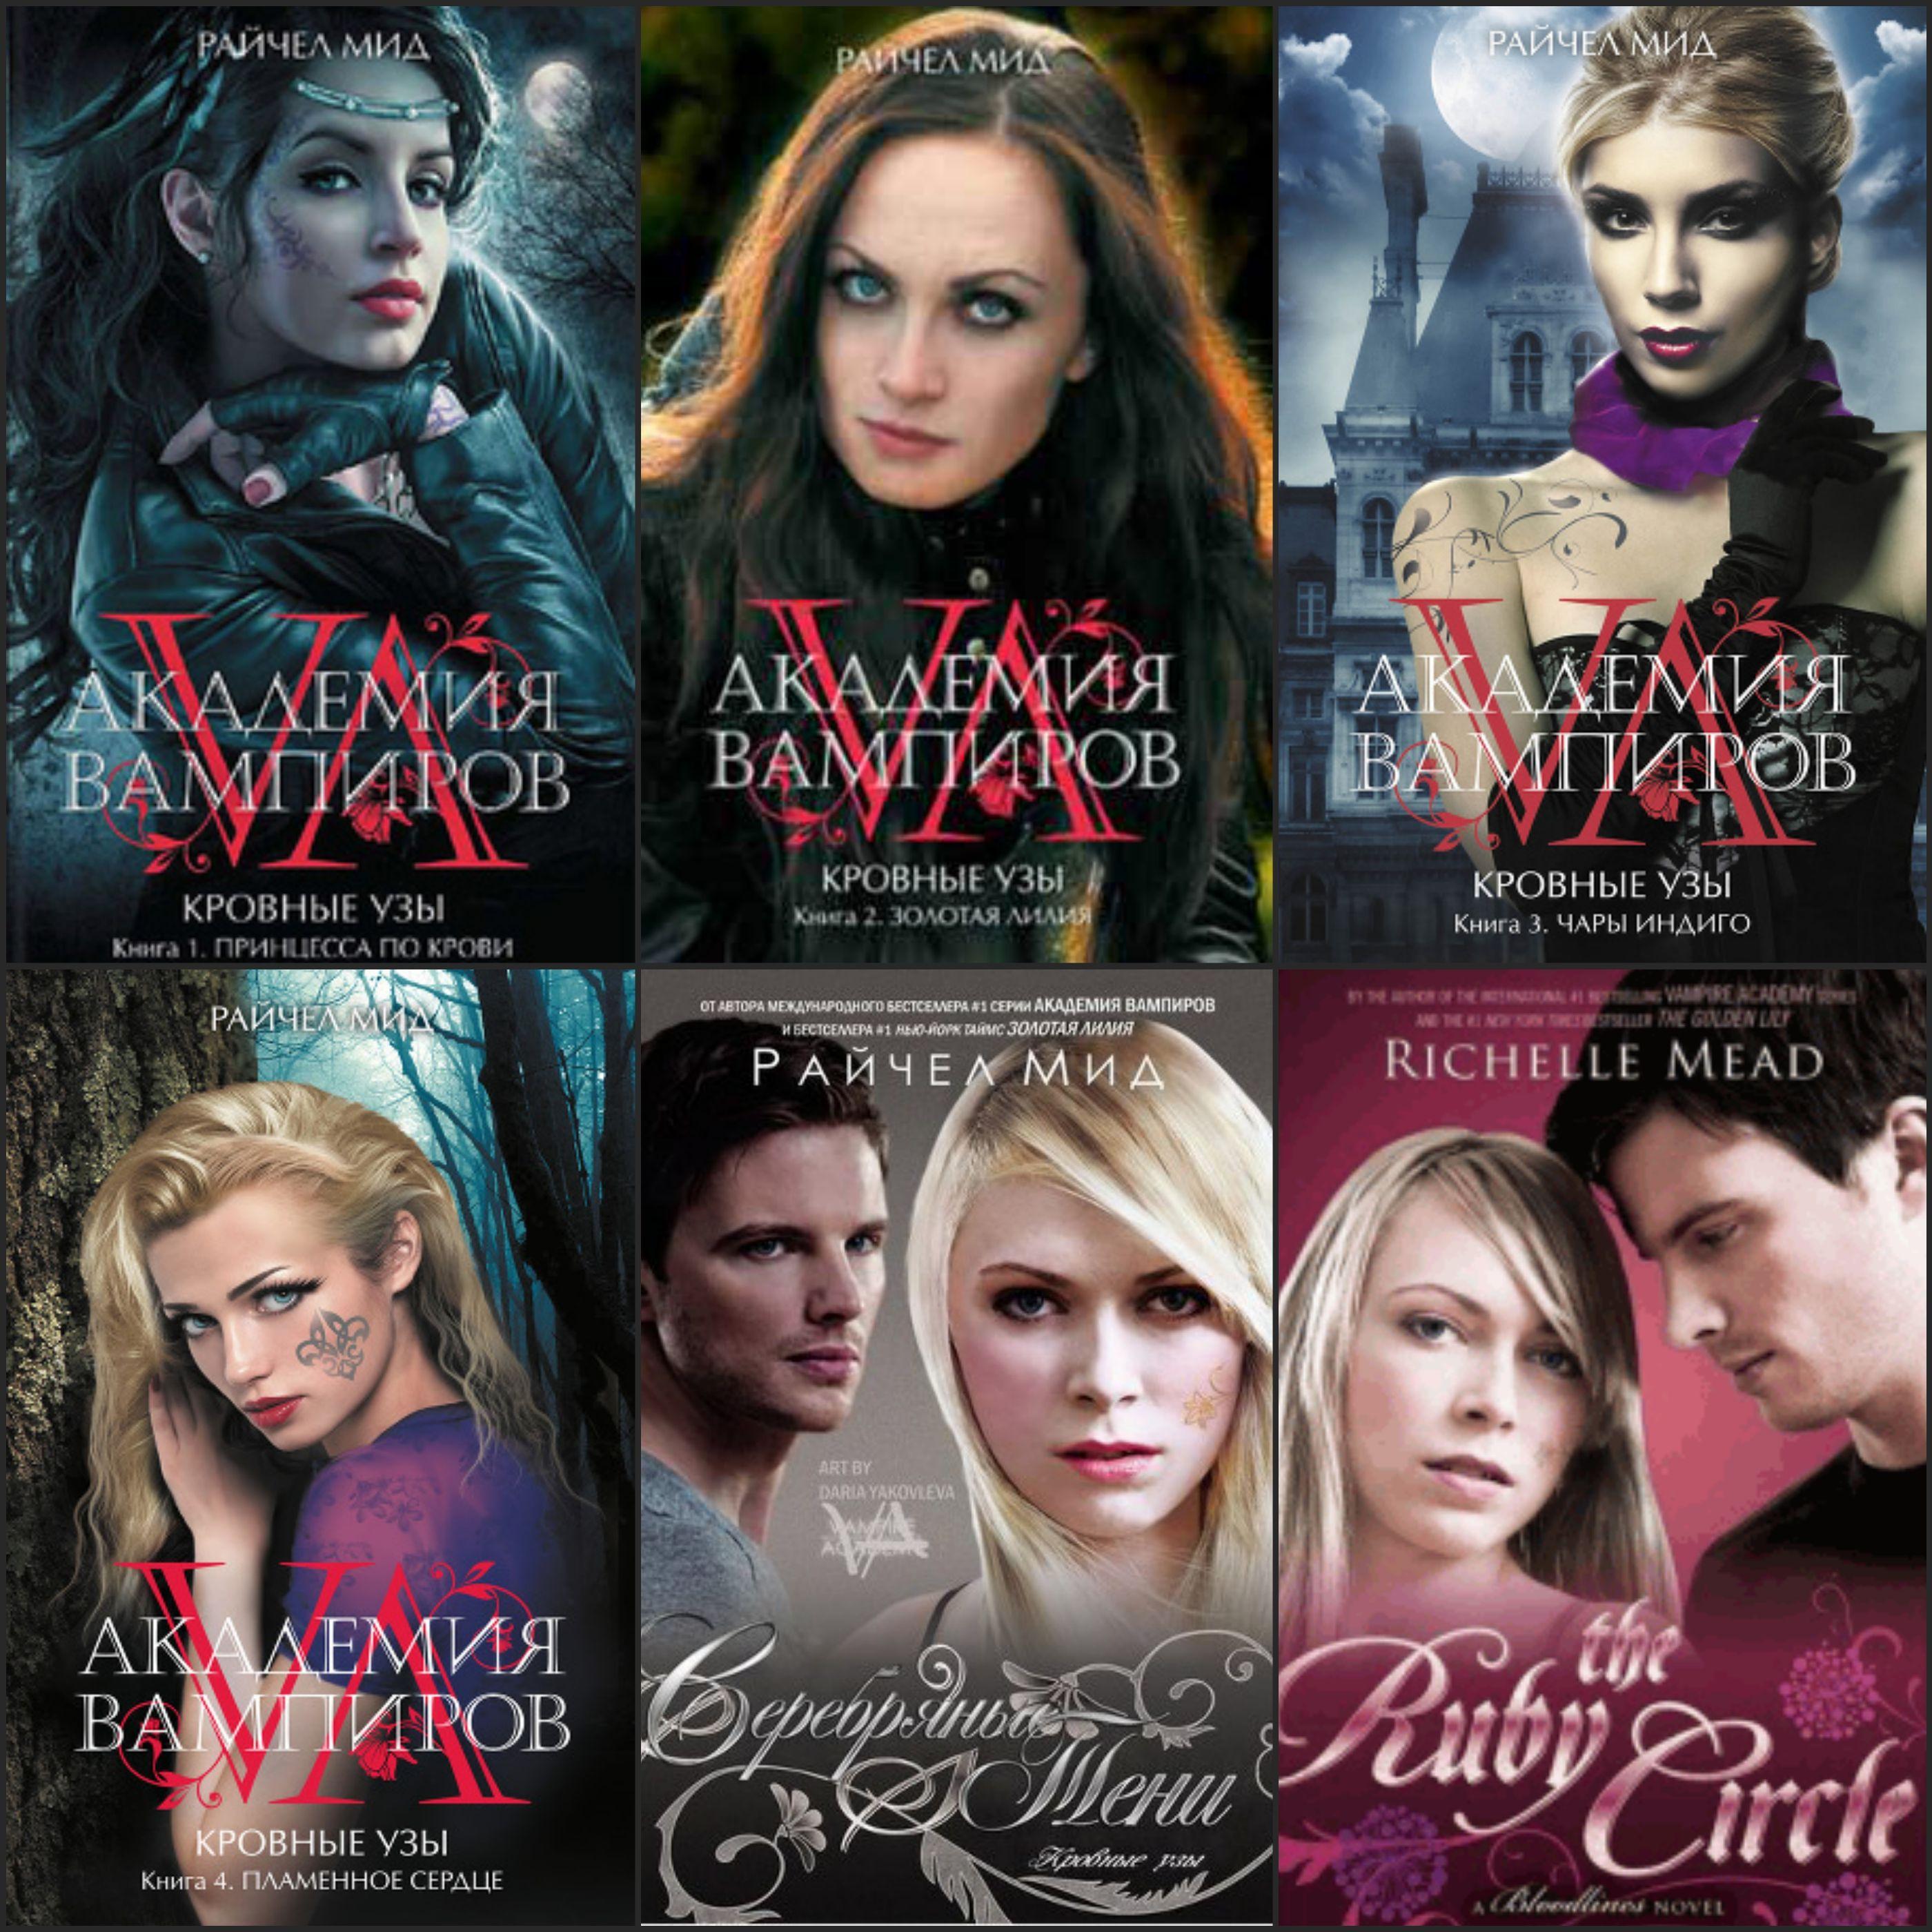 Скачать книгу академия вампиров на телефон